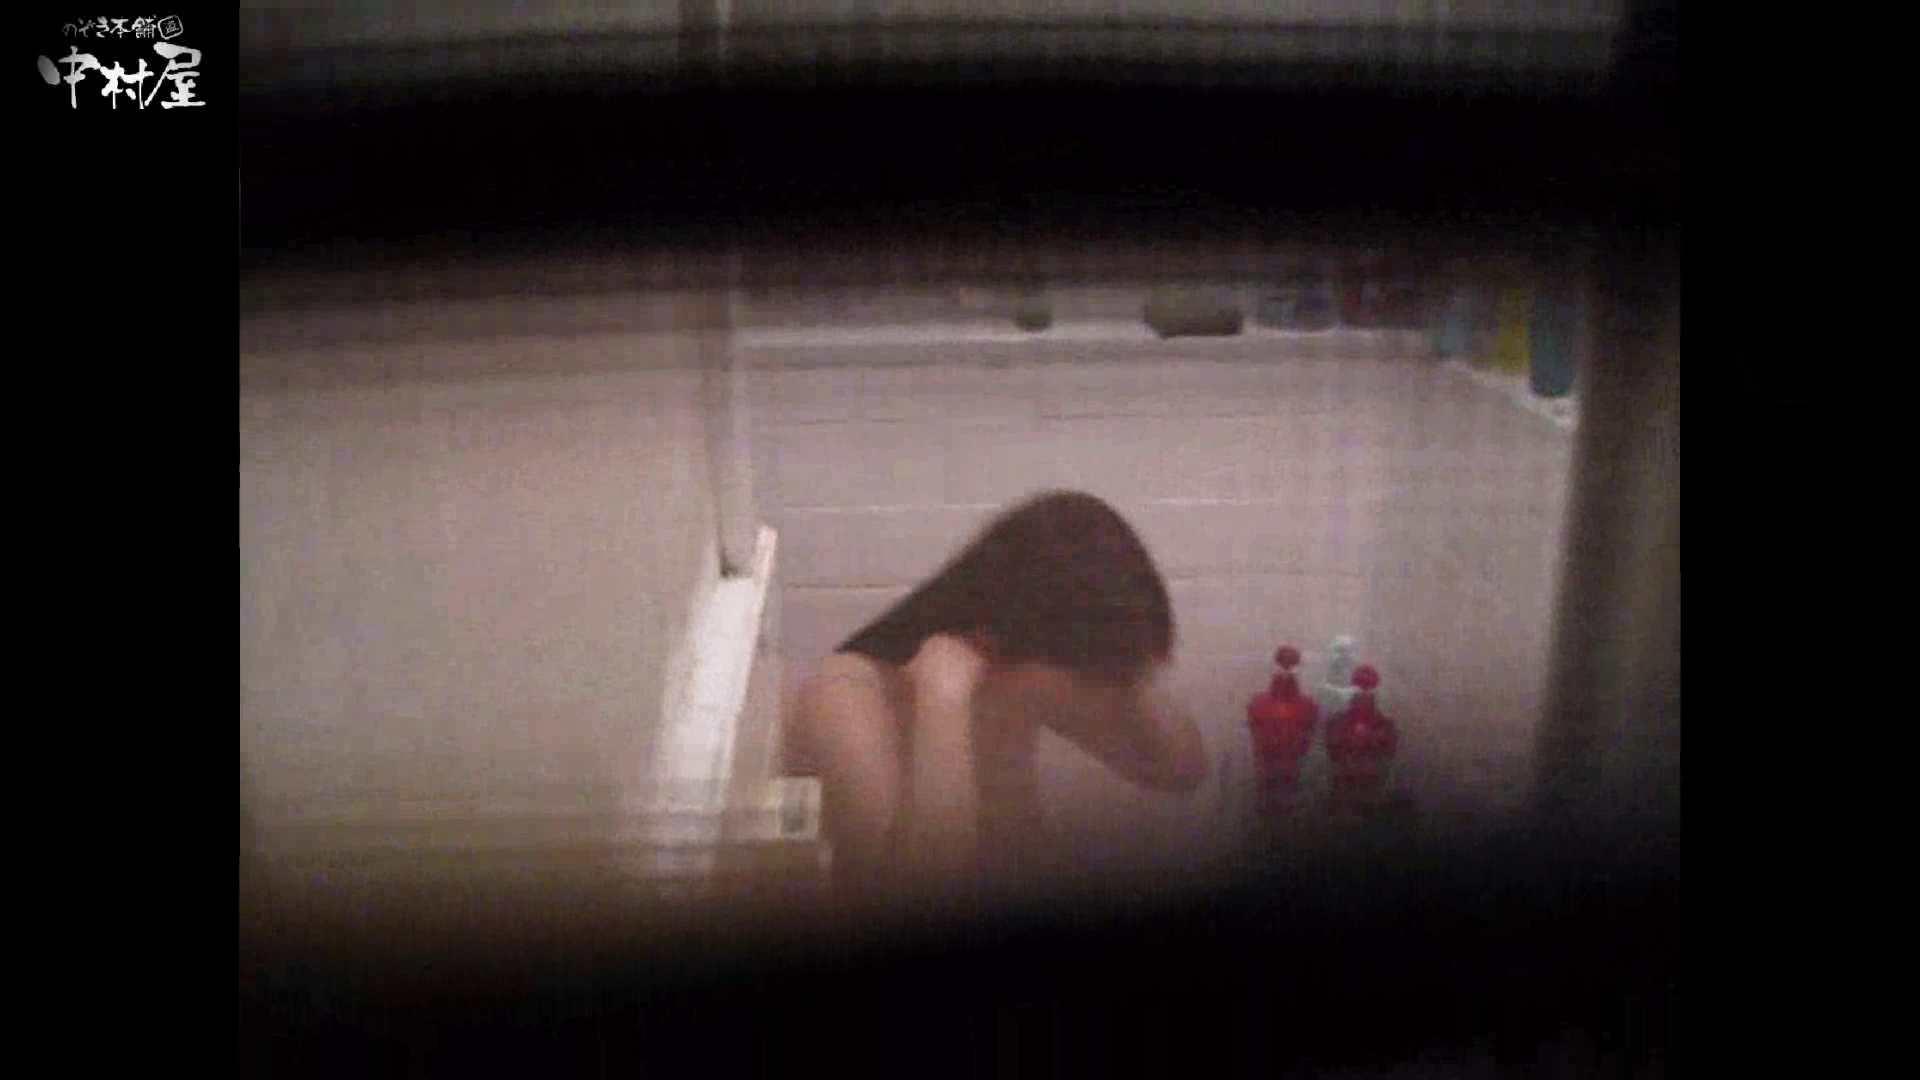 民家風呂専門盗撮師の超危険映像 vol.017 美女エロ画像 おめこ無修正動画無料 93PICs 52